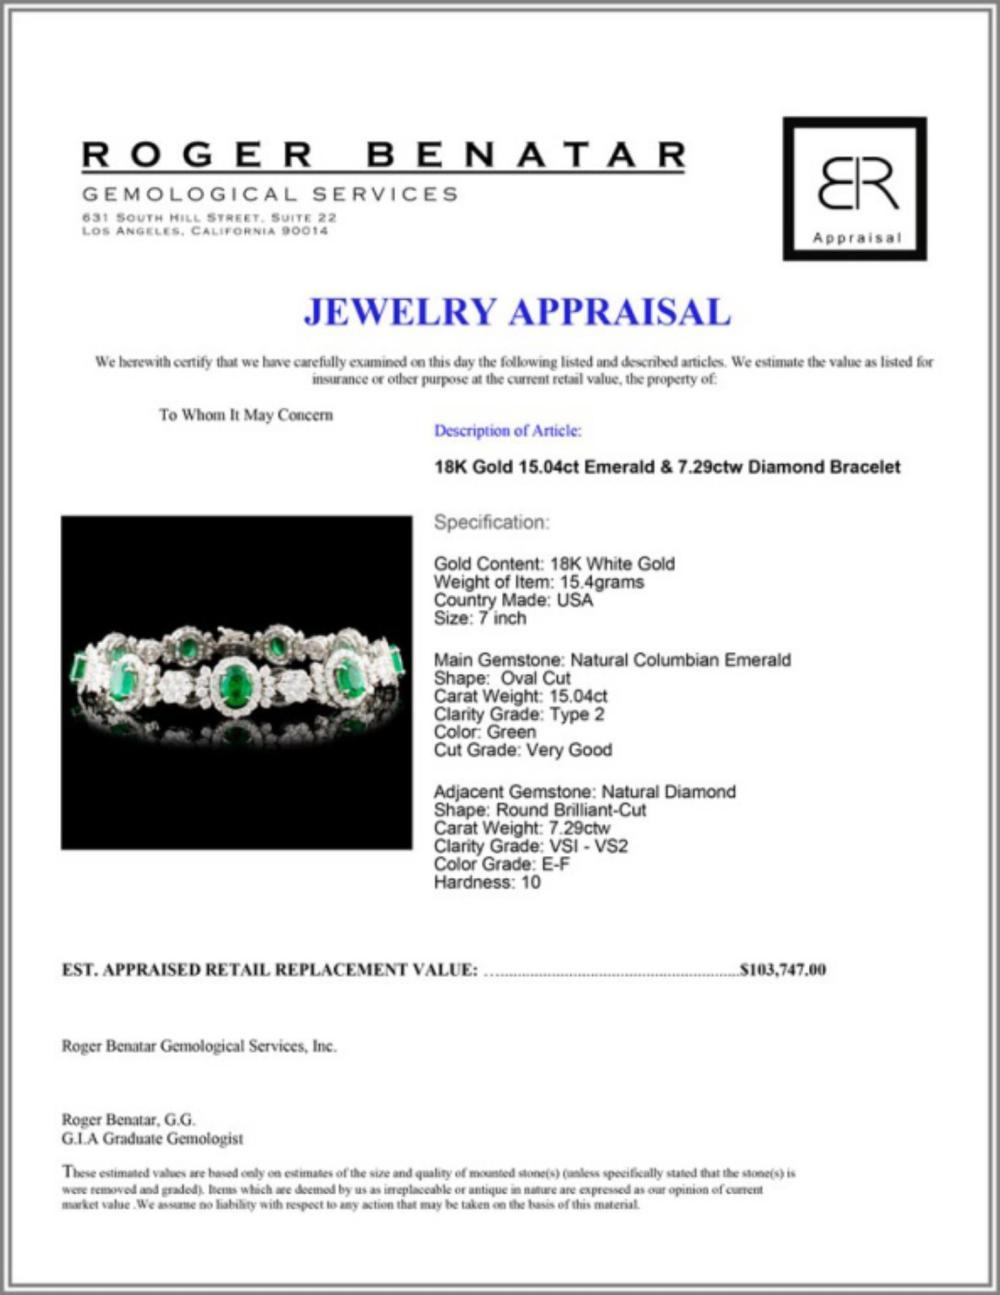 Lot 1: 18K Gold 15.04ct Emerald & 7.29ctw Diamond Bracele